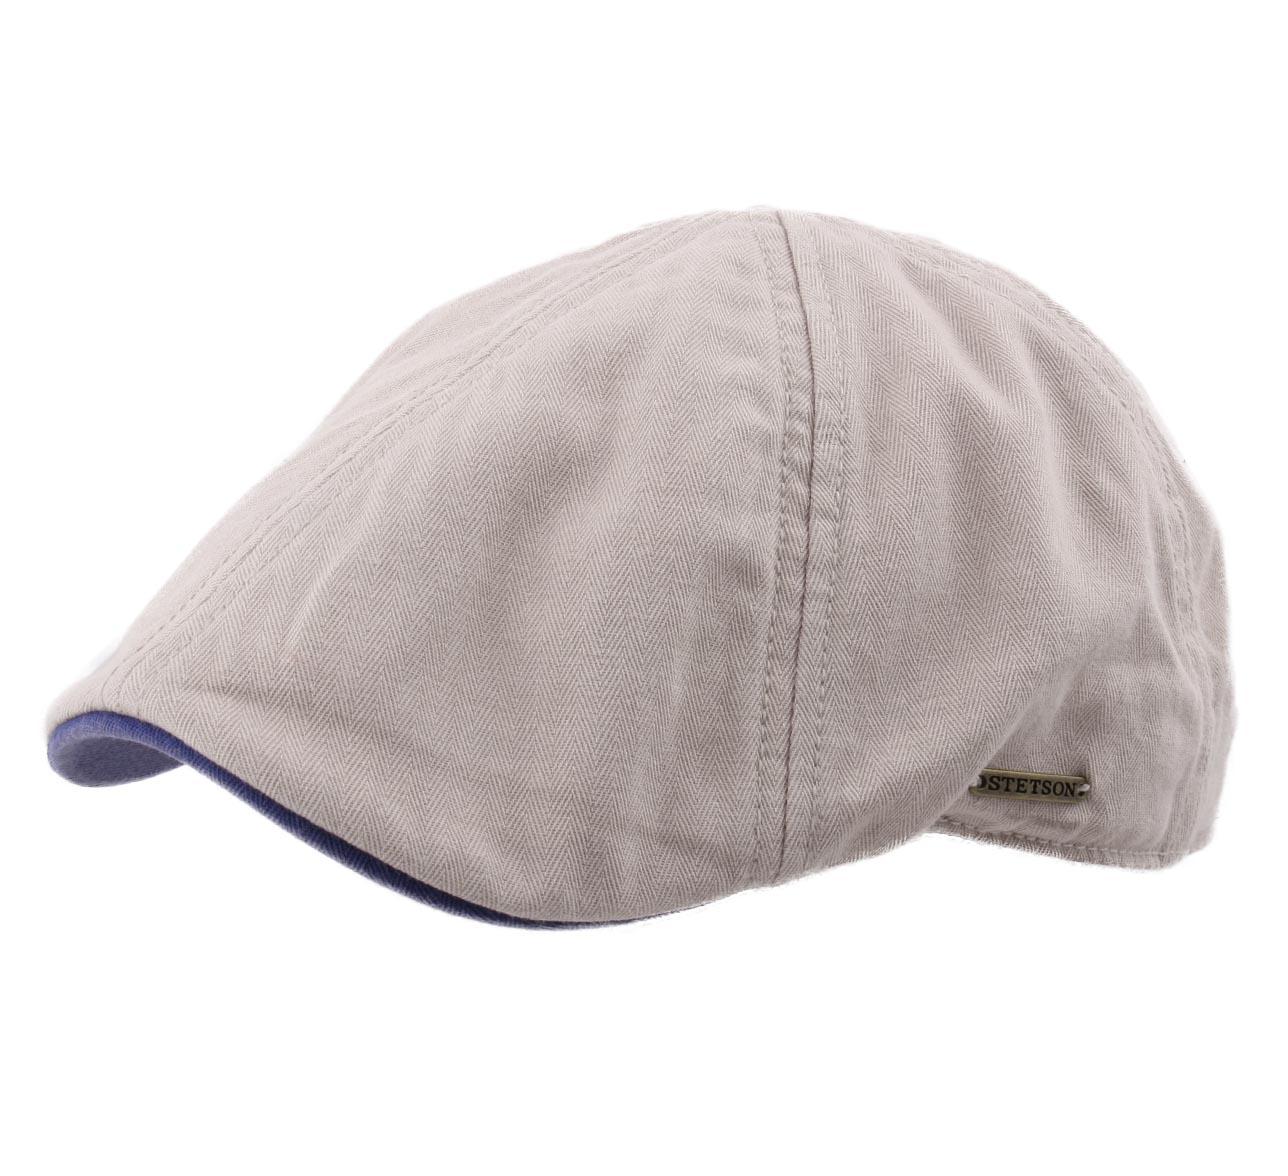 Texas Cotton - Caps Stetson 357a653c457